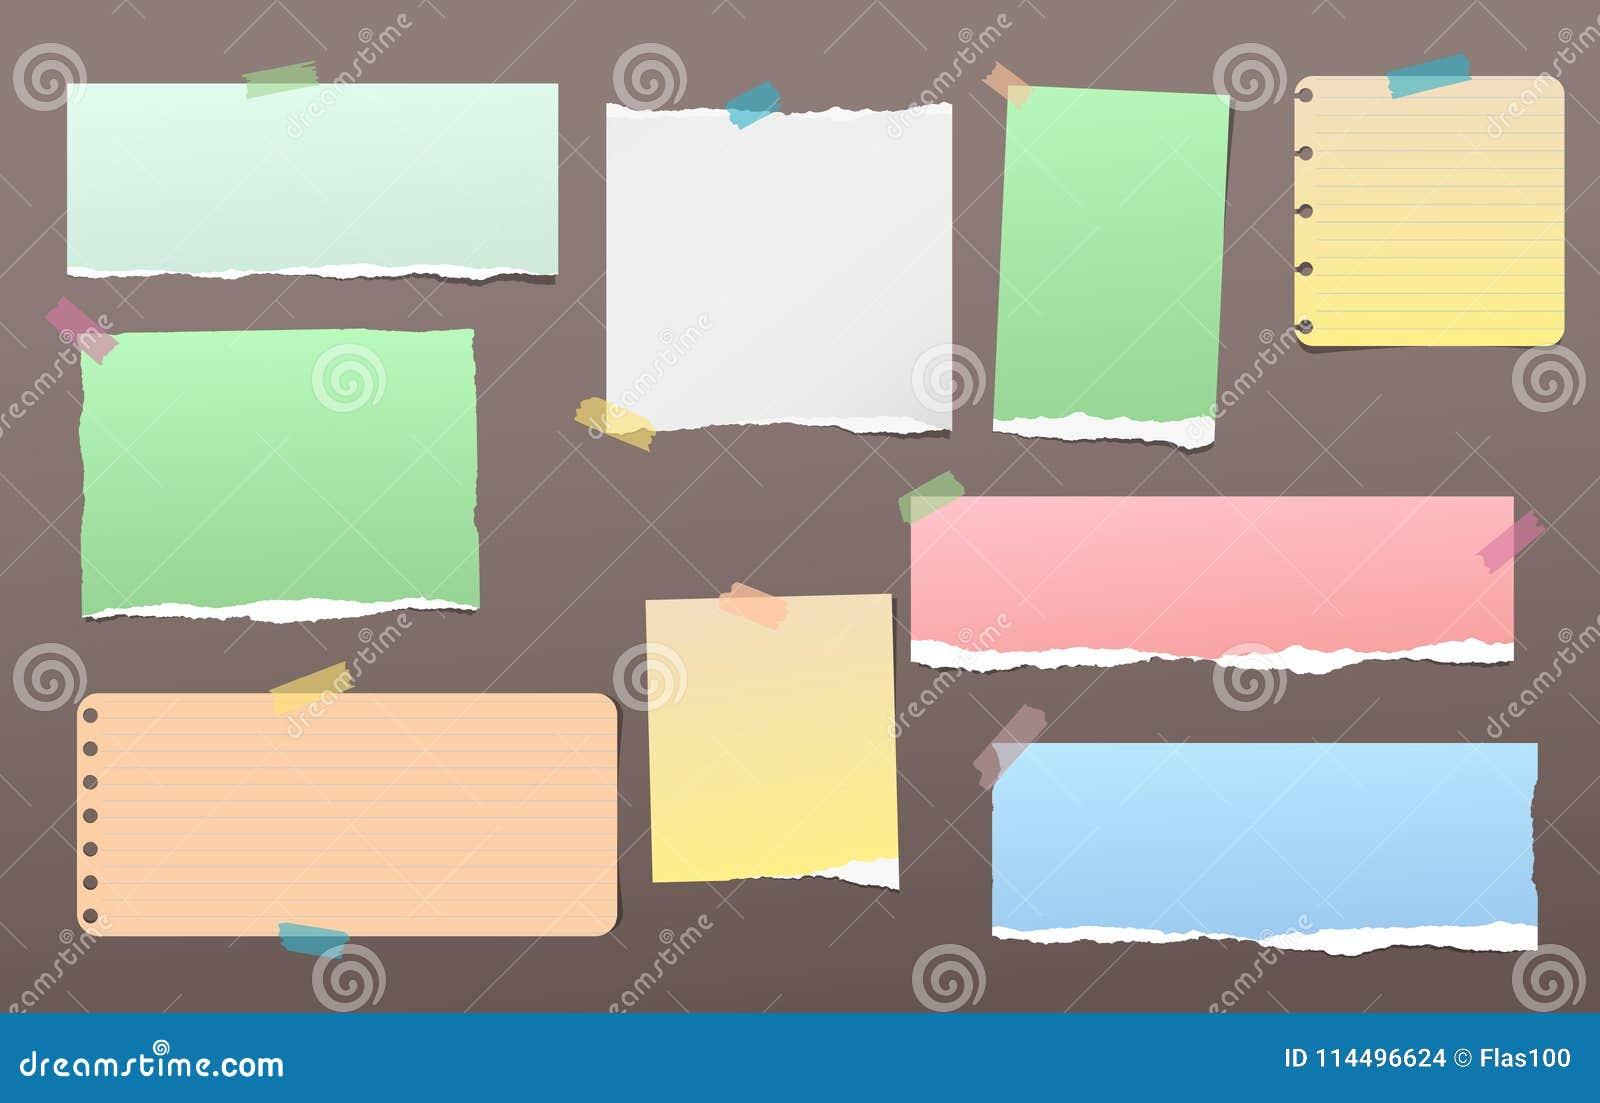 La nota variopinta lacerata, pezzi di carta del taccuino per testo ha attaccato con nastro adesivo appiccicoso sul fondo di marro